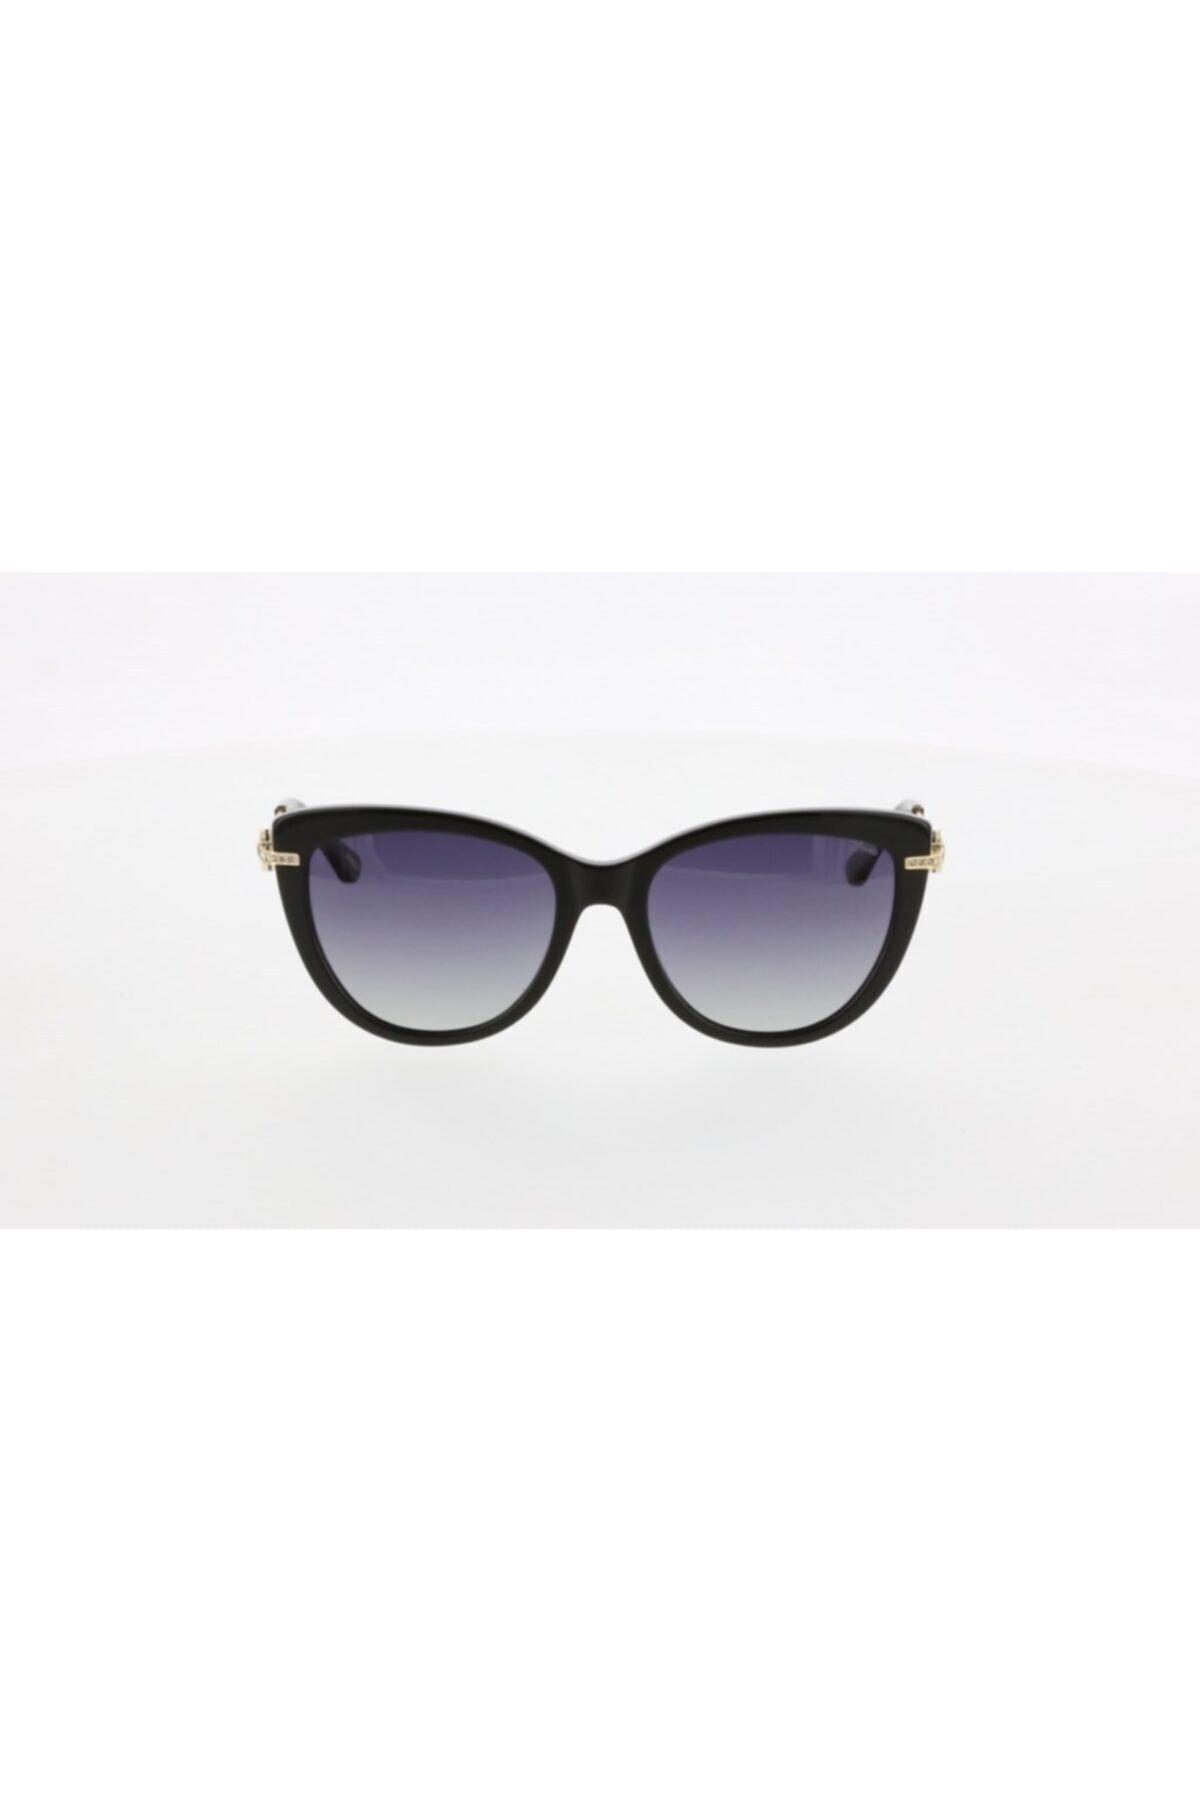 خرید عینک آفتابی زنانه ست برند Osse رنگ مشکی کد ty97008399